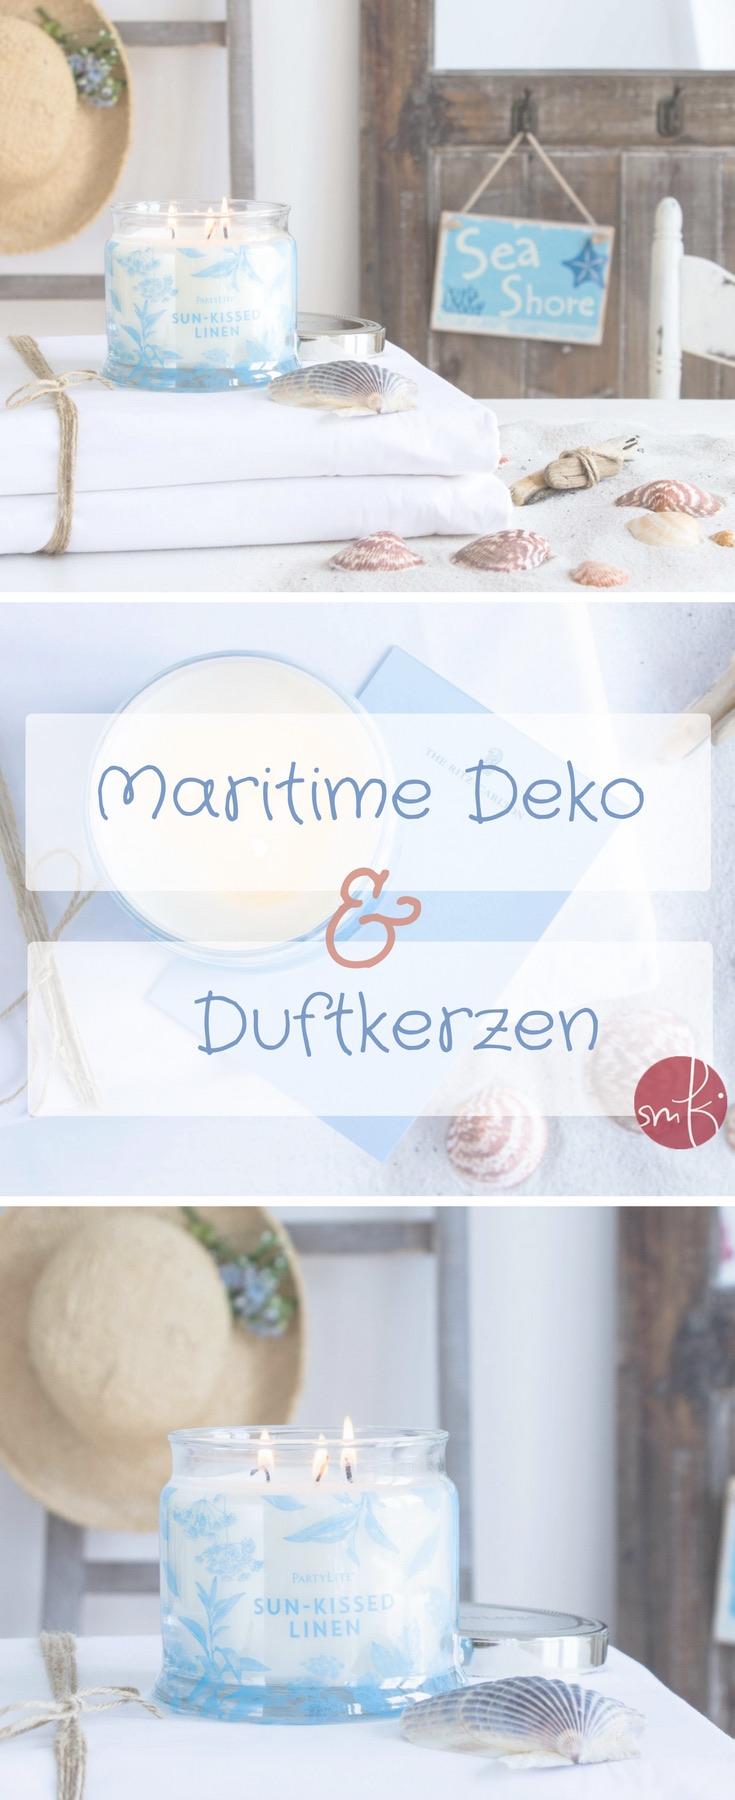 Deko mit Duftkerzen: Düfte wecken Erinnerungen!